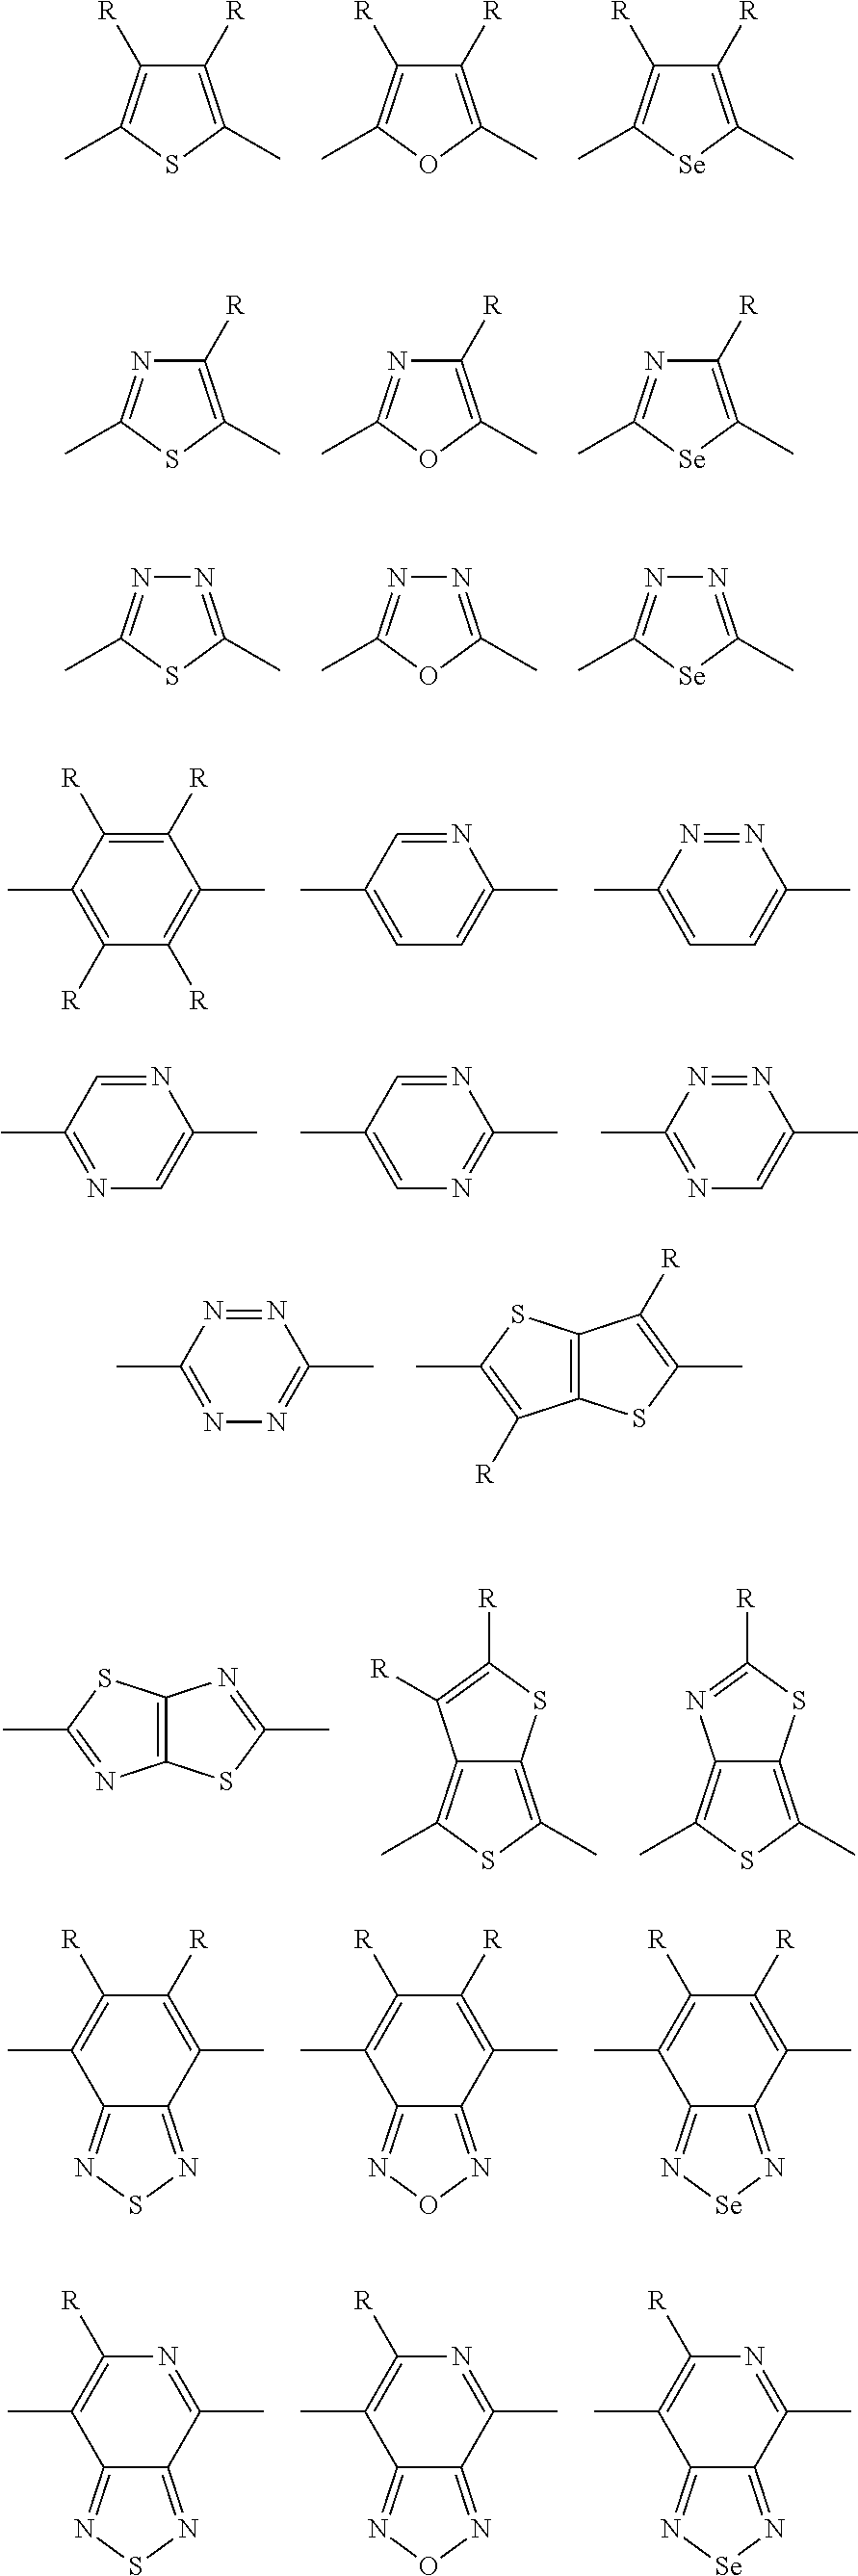 Figure US20150287873A1-20151008-C00002